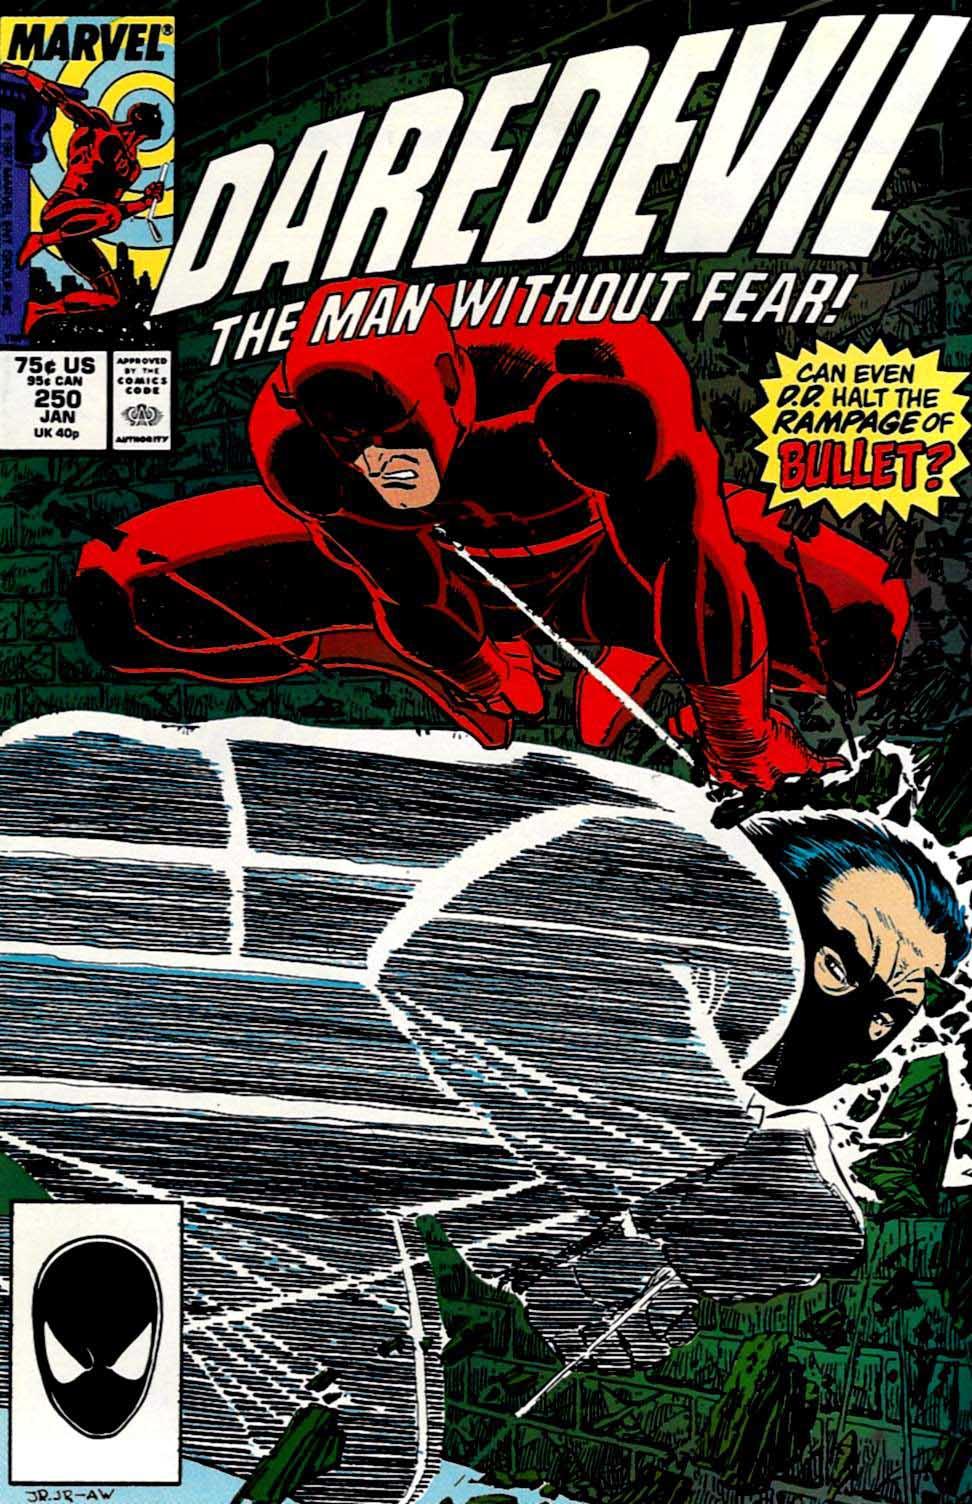 Daredevil (Nocenti/Romita Jr.)